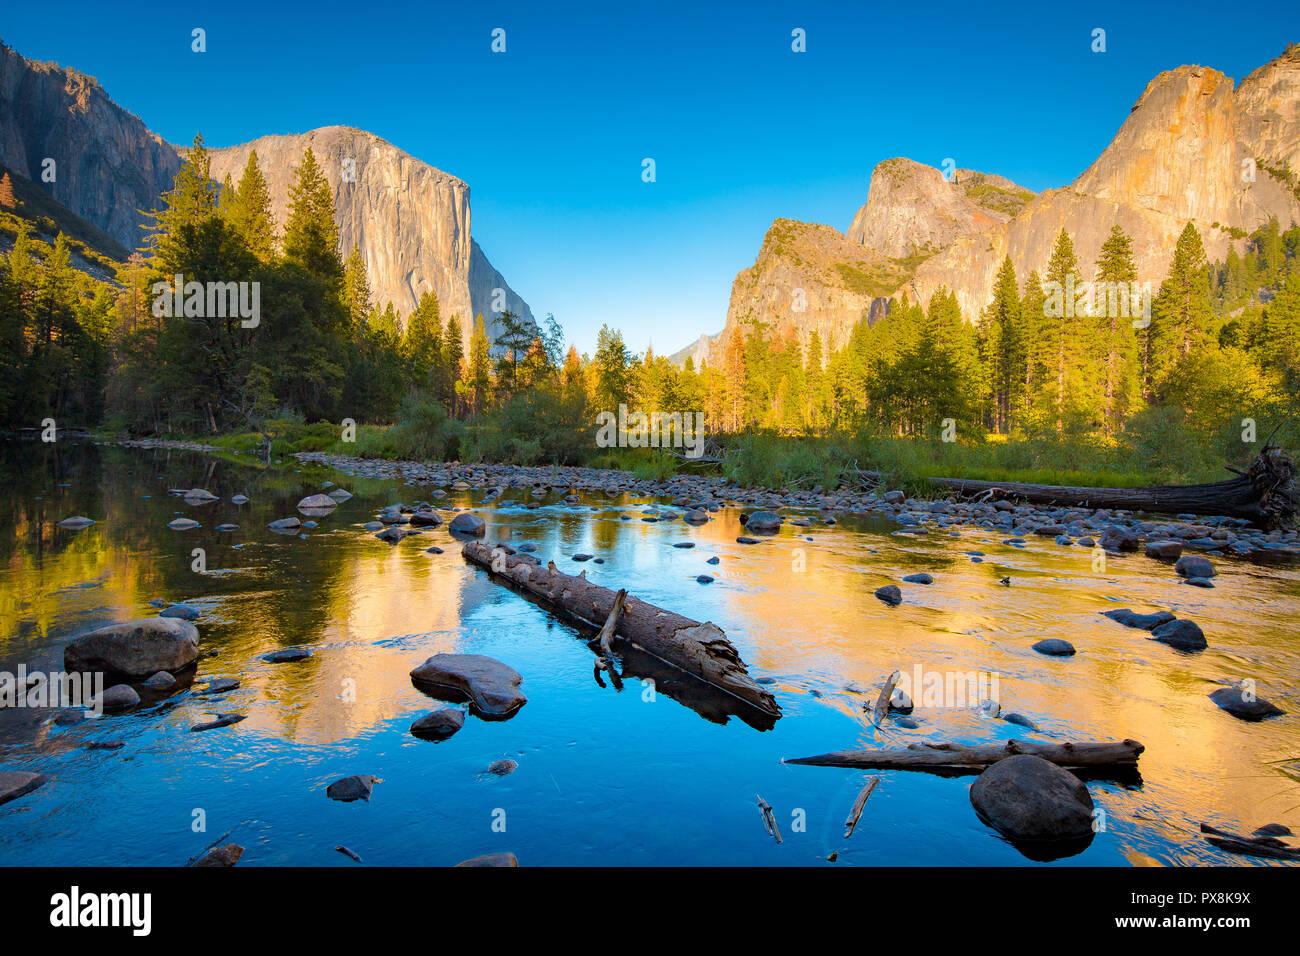 L'affichage classique de la vallée de Yosemite avec El Capitan célèbre sommet escalade et idyllique de la rivière Merced au coucher du soleil, Californie, USA Photo Stock